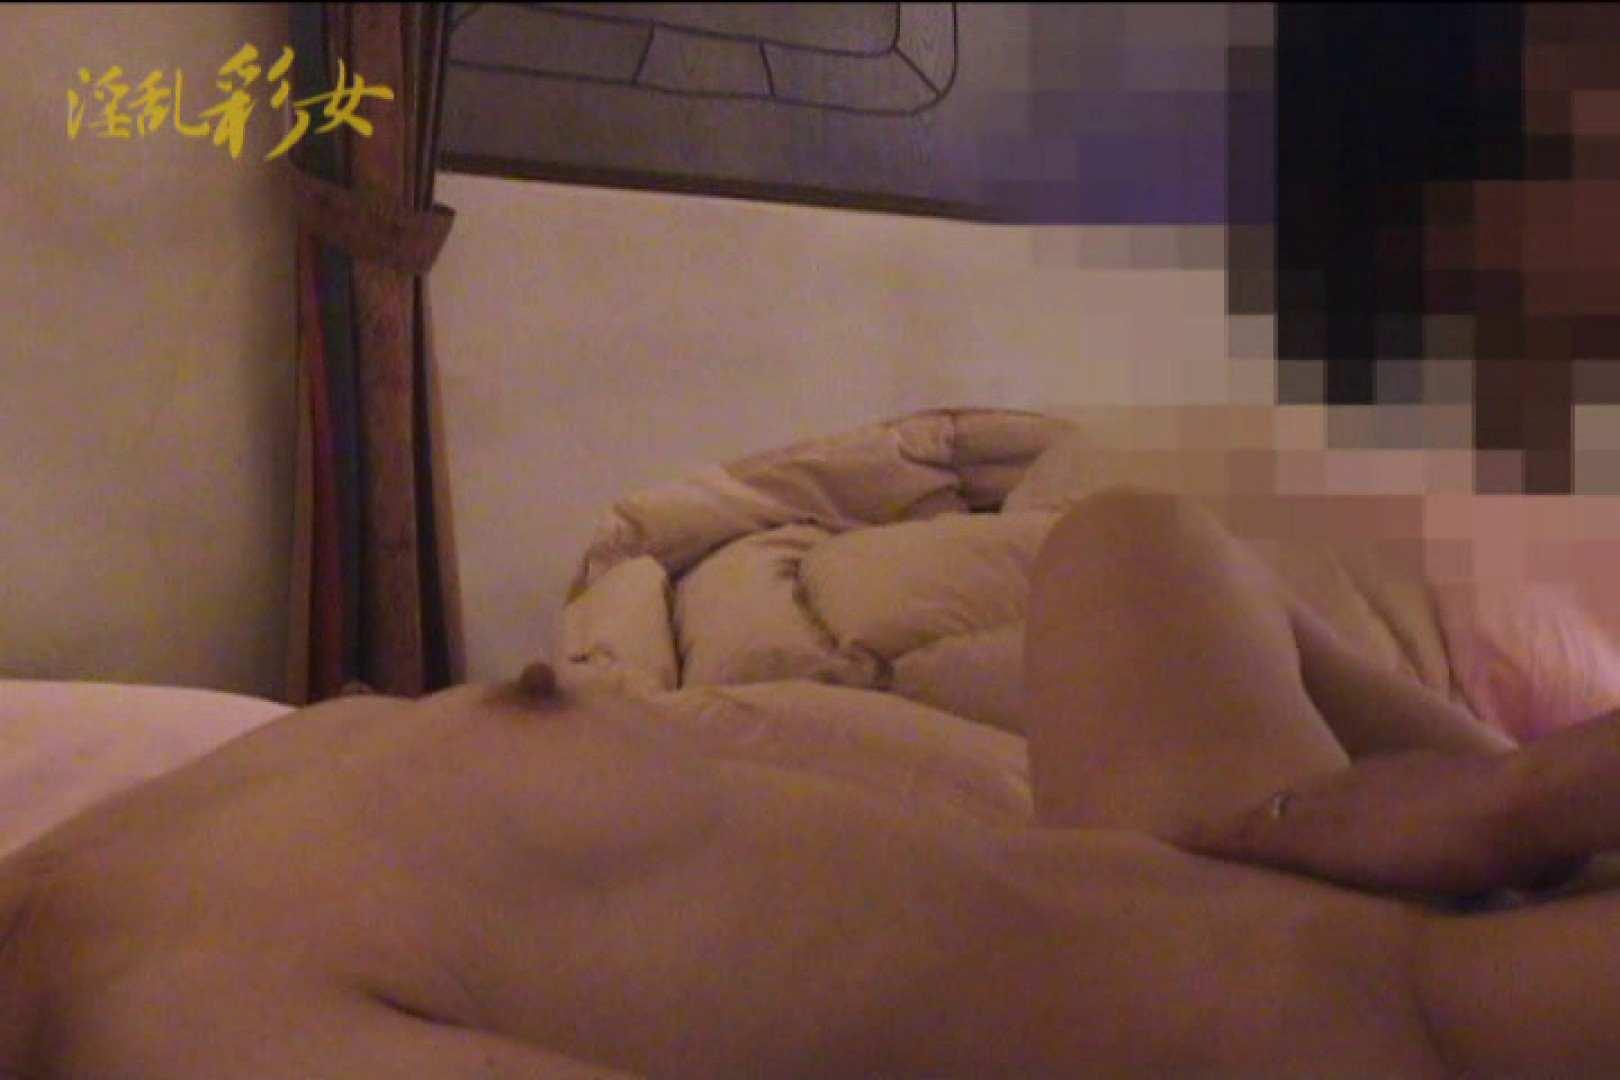 淫乱彩女 麻優里 30代の公認彼氏に貸し出し3 一般投稿 | 中出し  99画像 16